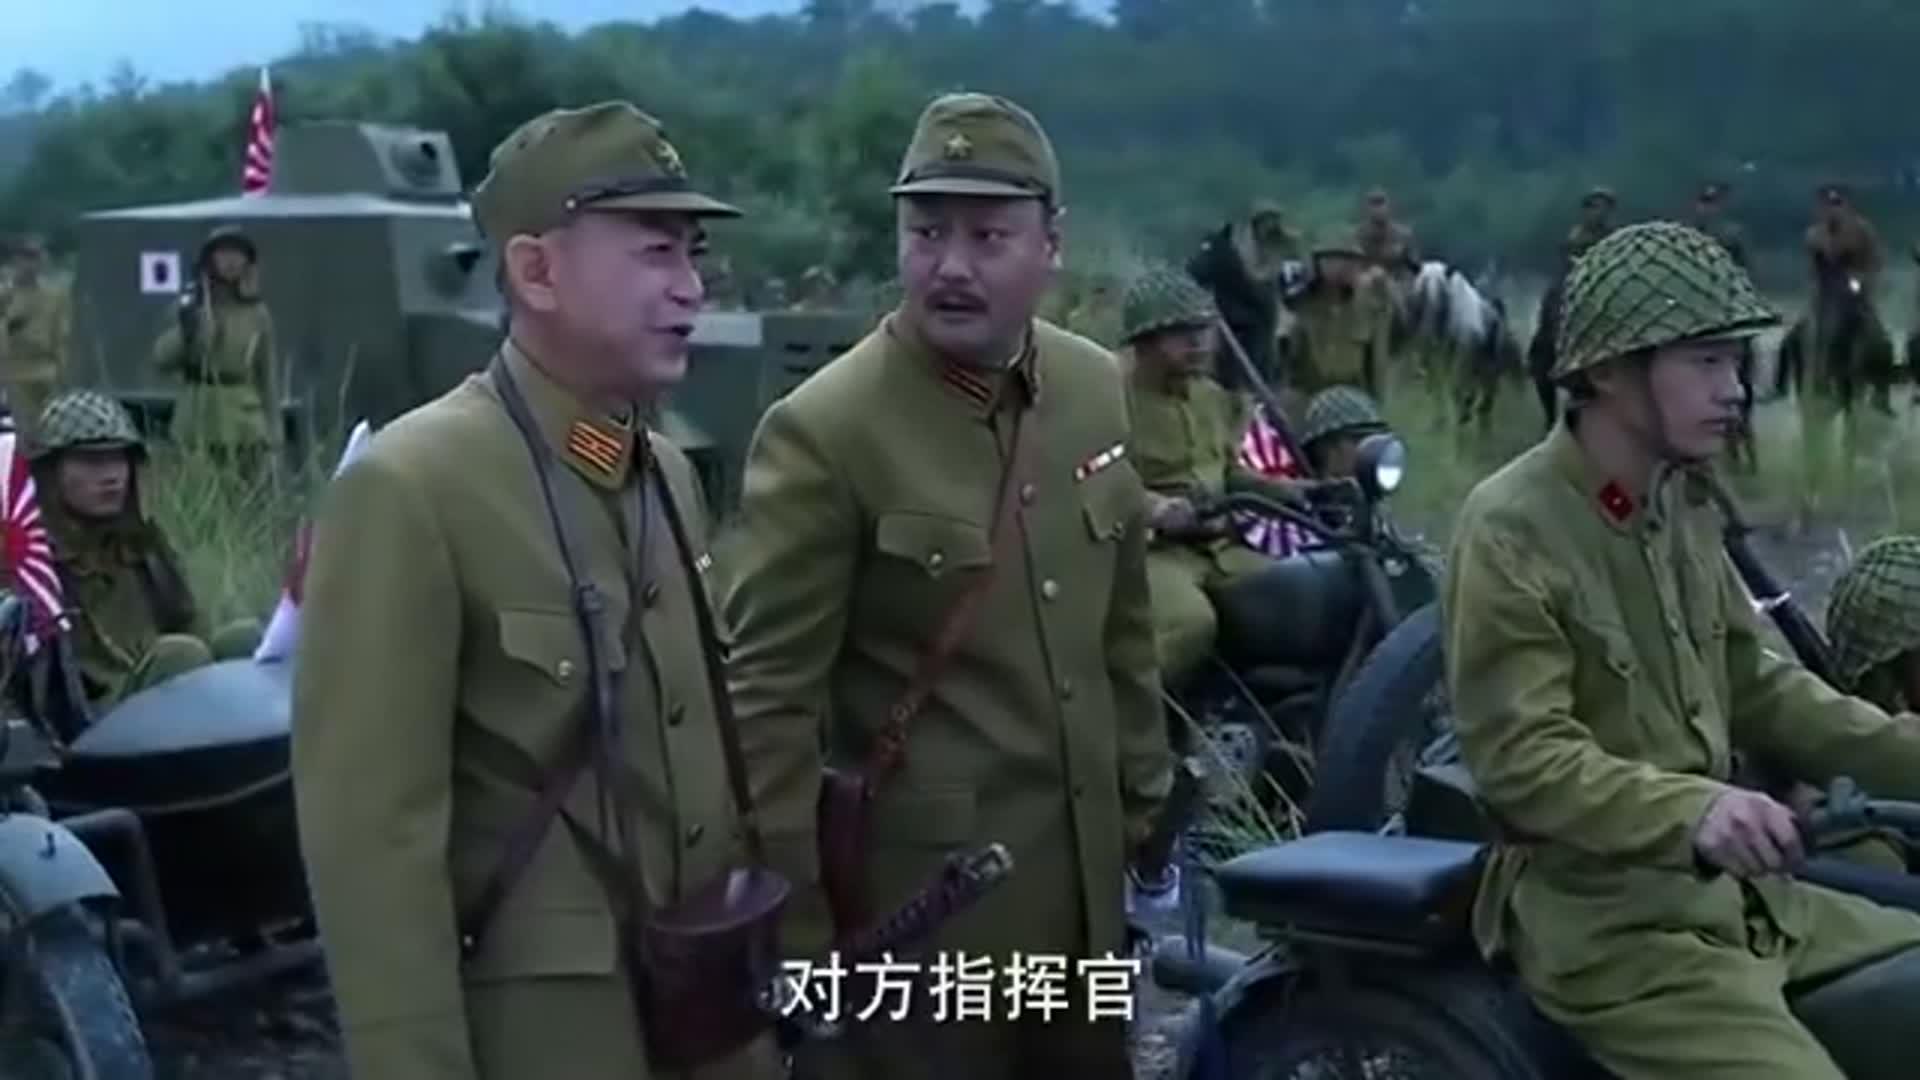 马上天下:鬼子不按套路走,团长正要以死谢罪,下秒惊喜出现